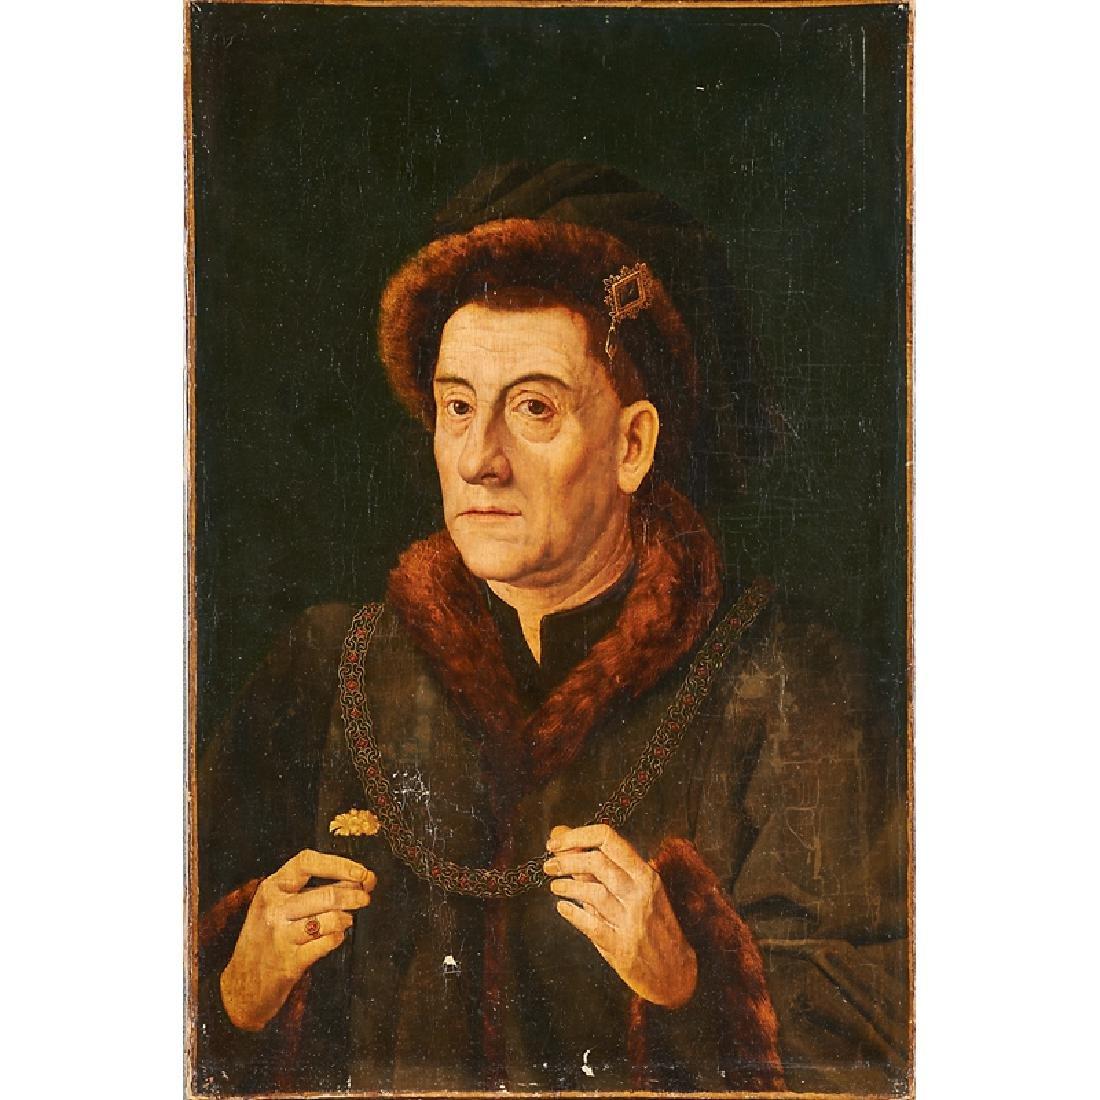 AFTER JAN VAN EYCK (Flemish, ca. 1390-1441)